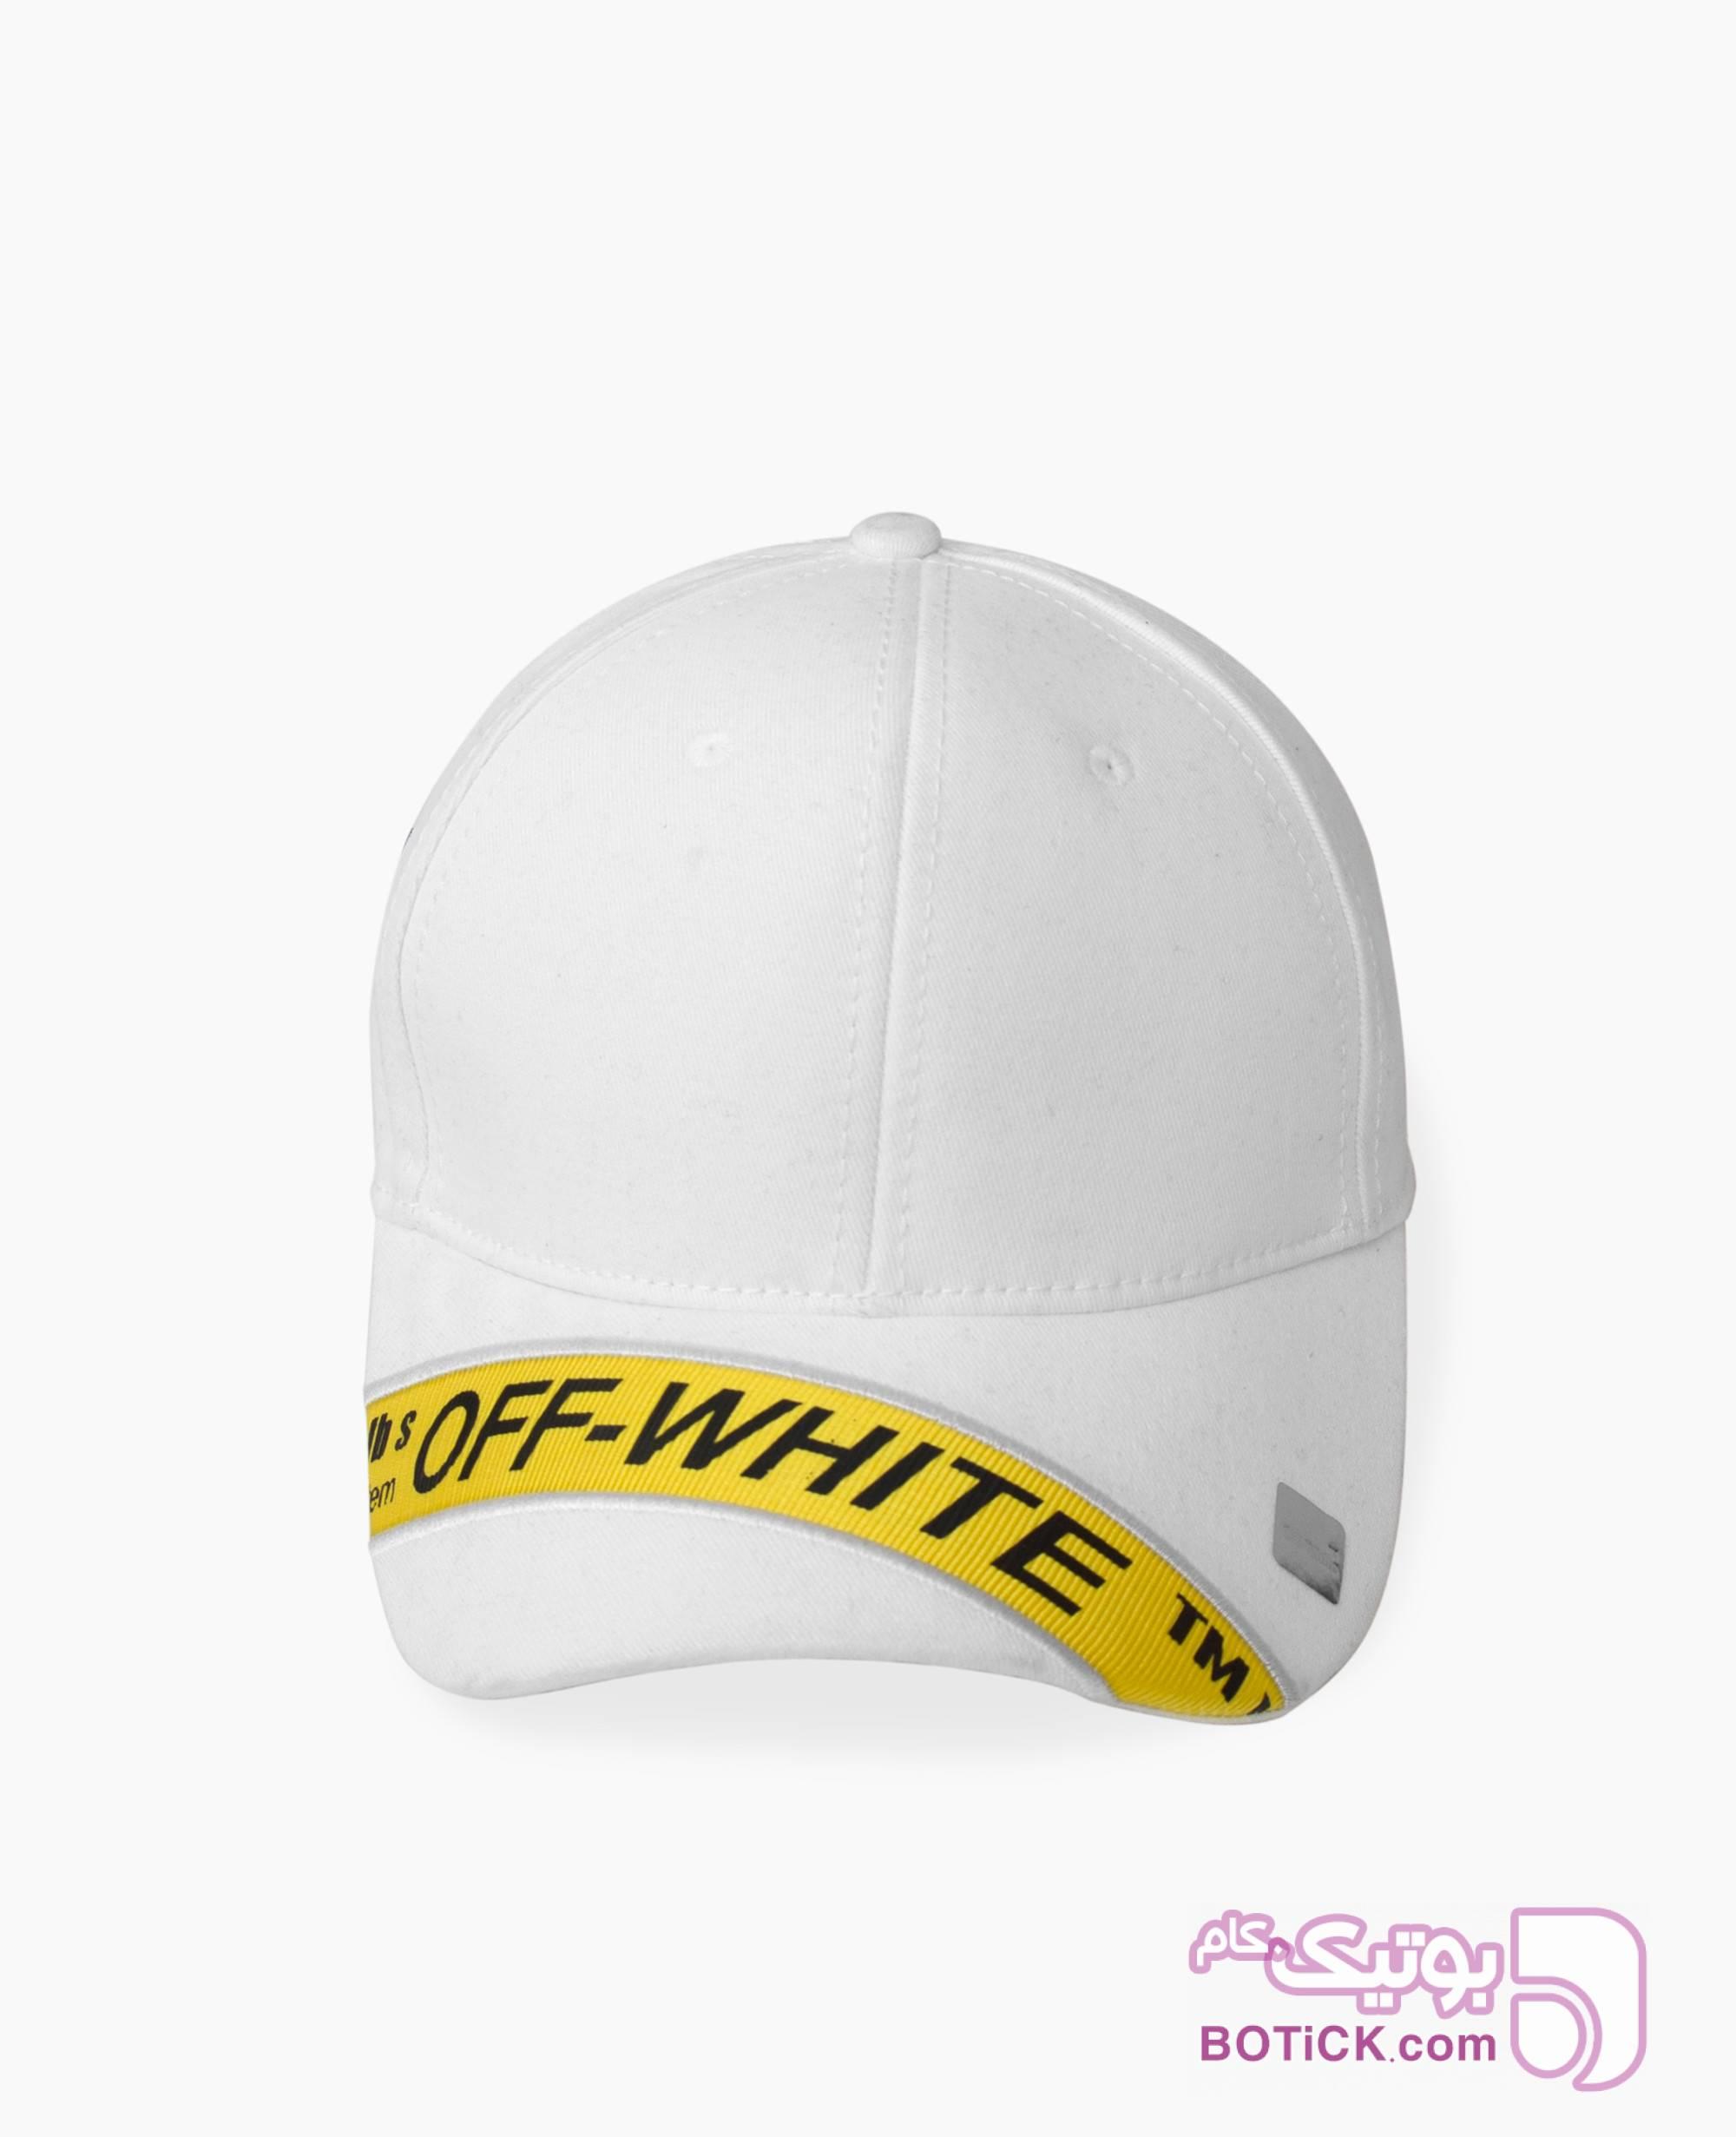 کلاه لبه گرد Off-White کد 6283 سفید کلاه و اسکارف